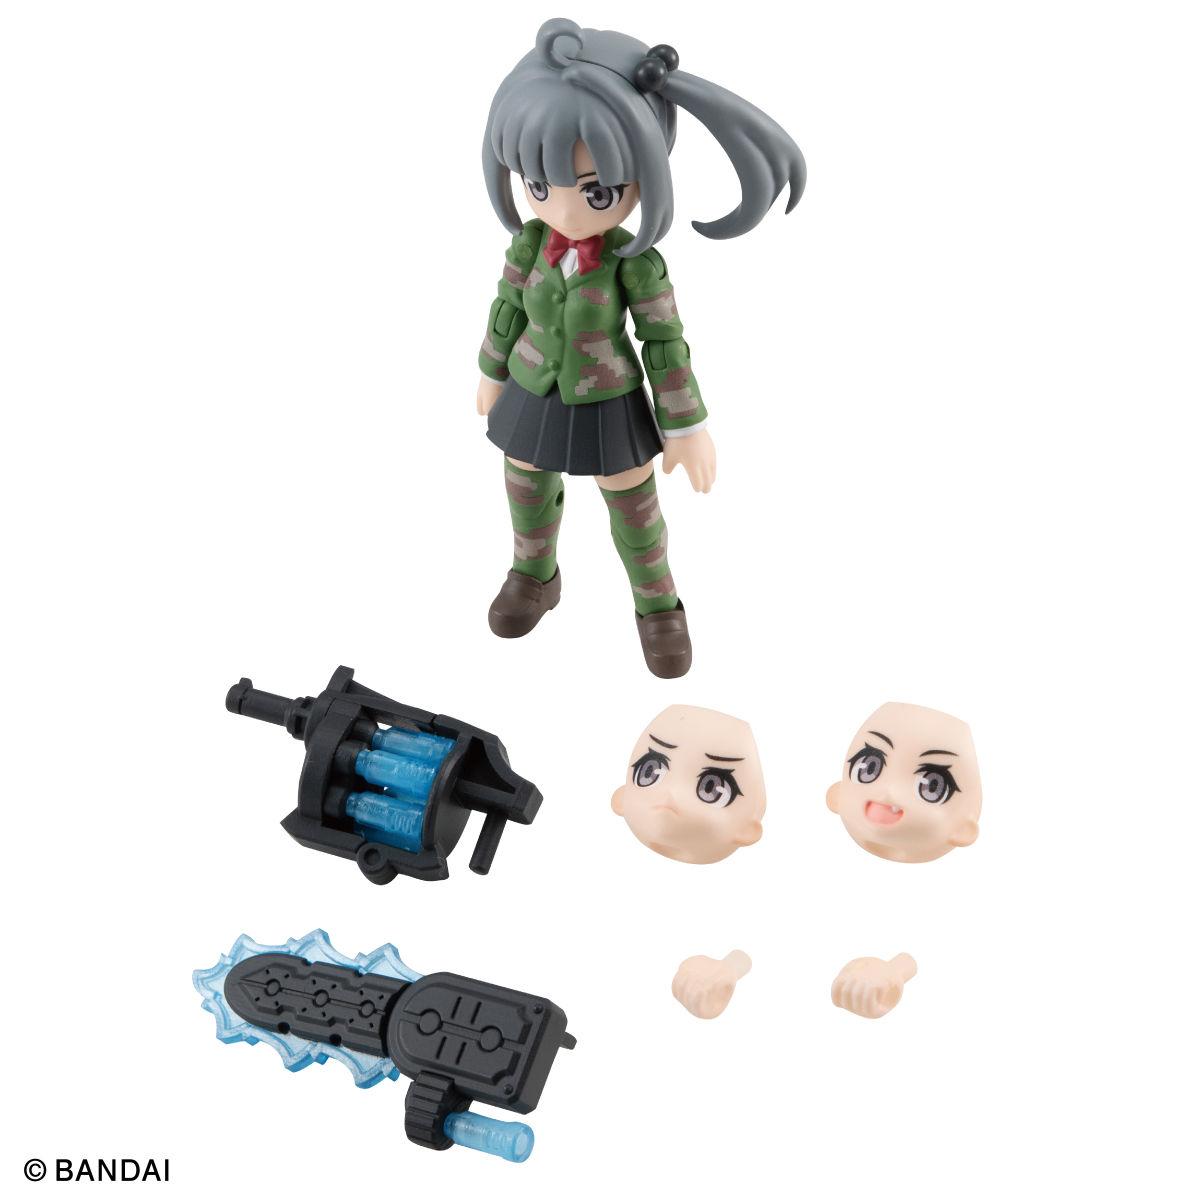 【限定販売】ガシャポン『AQUA SHOOTERS! 泉かのん』デフォルメ可動フィギュア-006